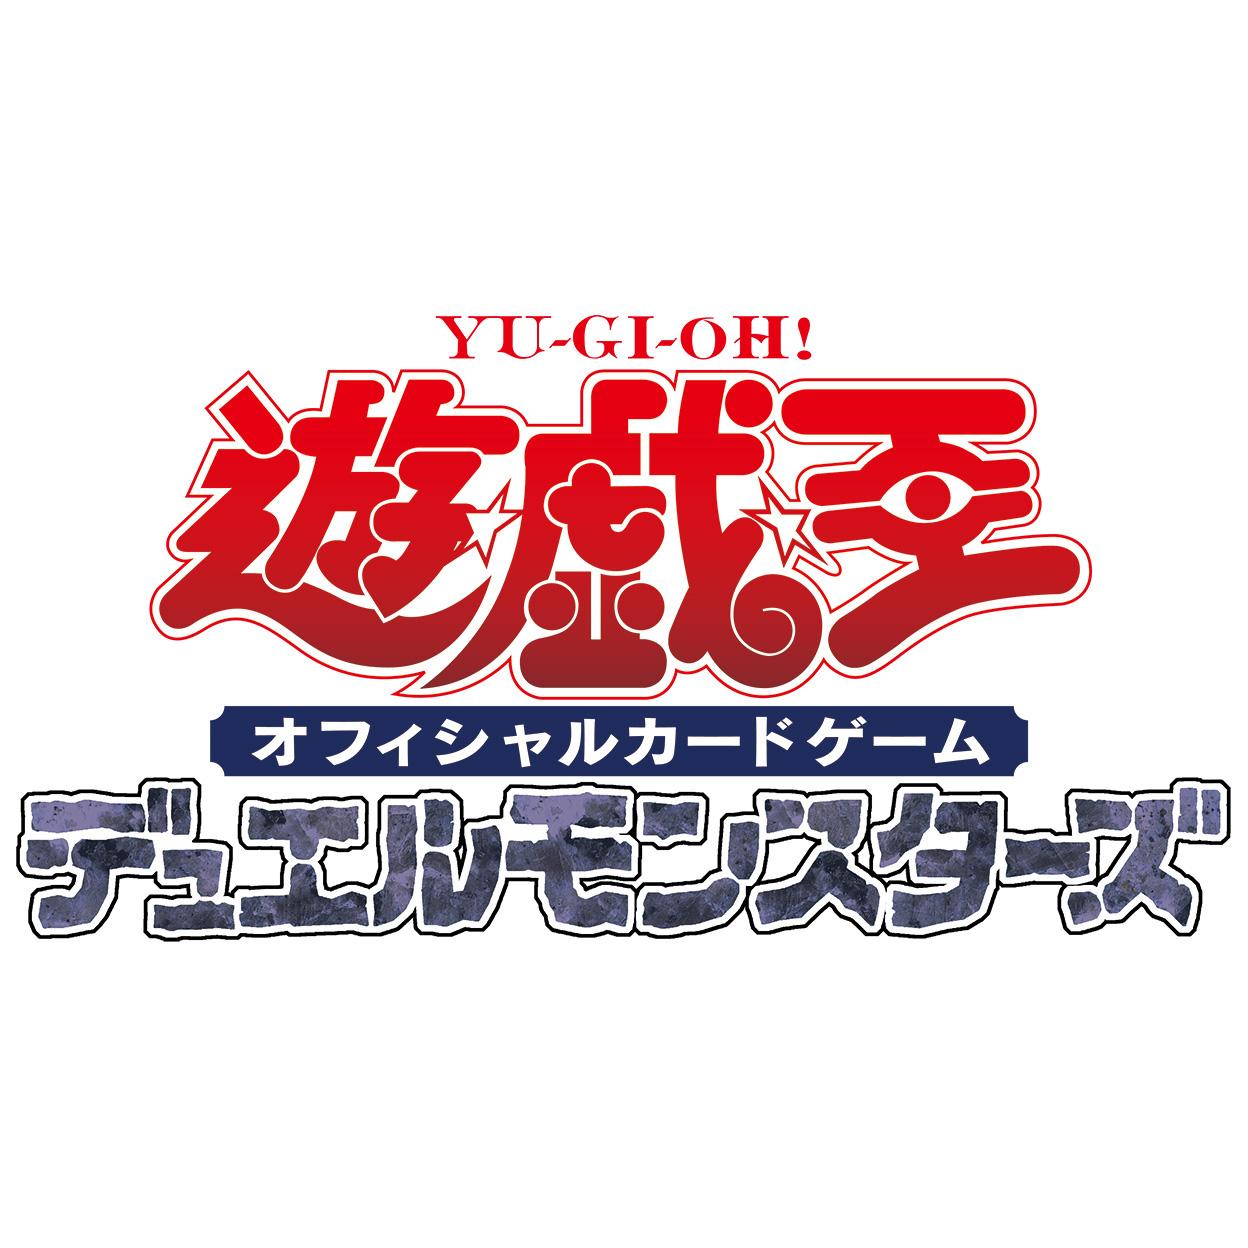 遊戯王OCG デュエルモンスターズ『デッキビルドパック ジェネシス・インパクターズ』BOX-001